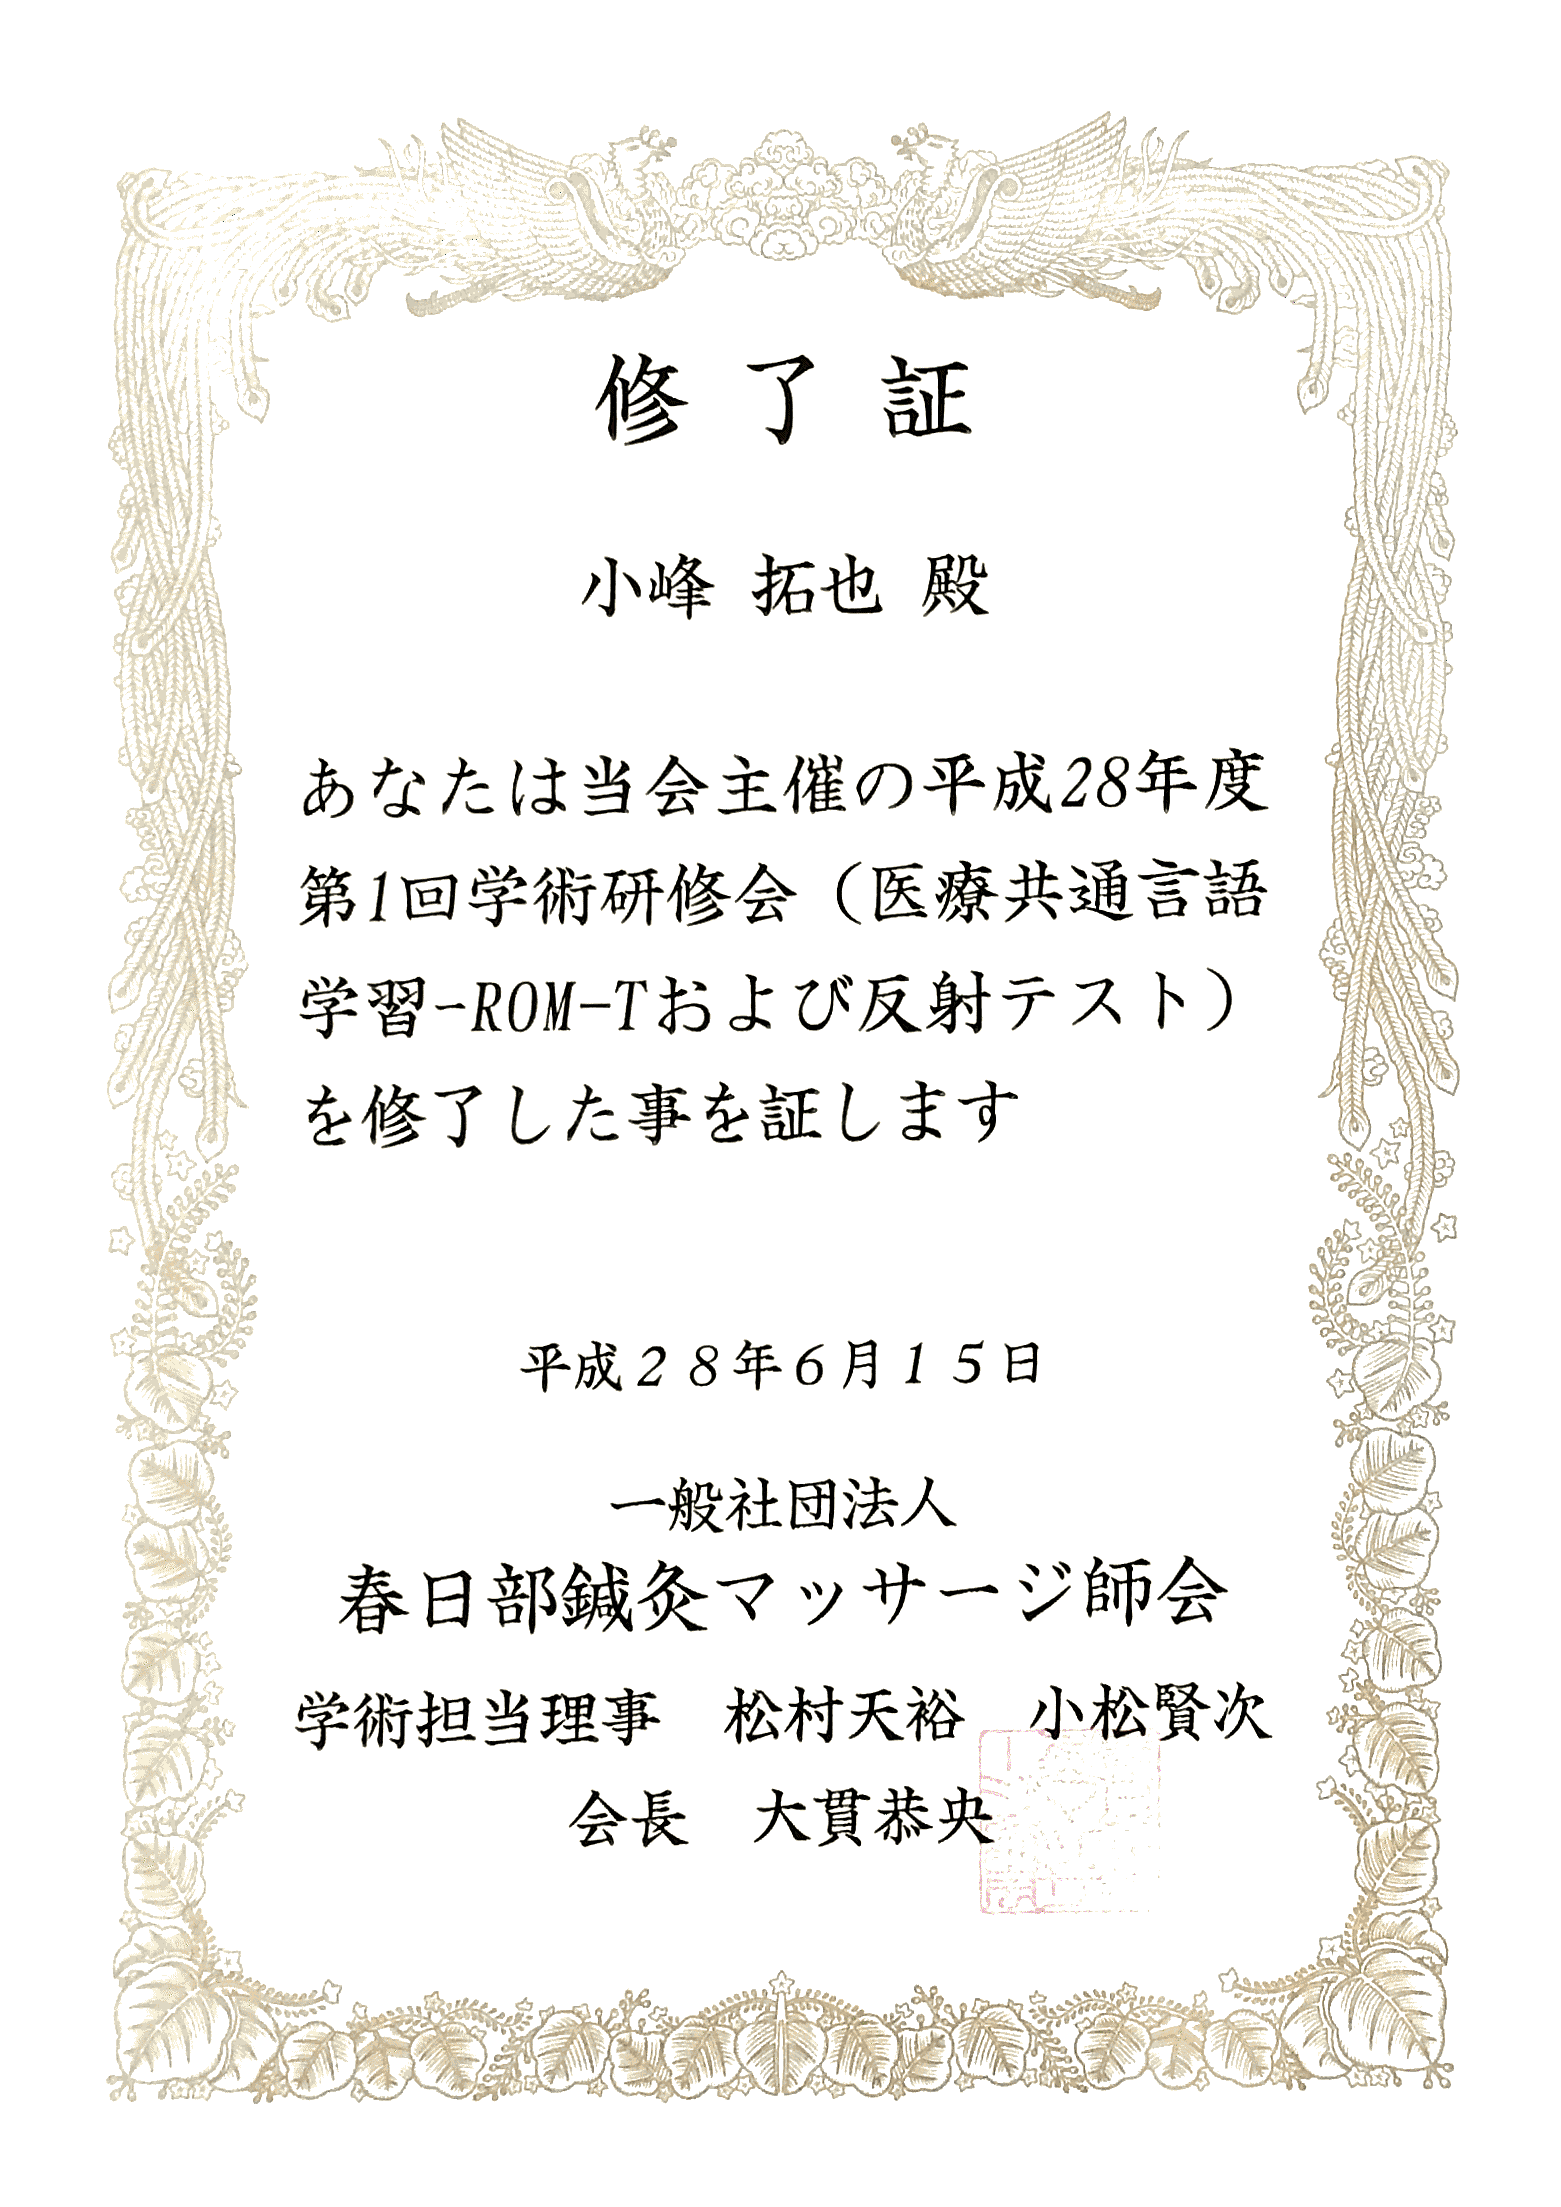 鍼灸マッサージ学術研修会